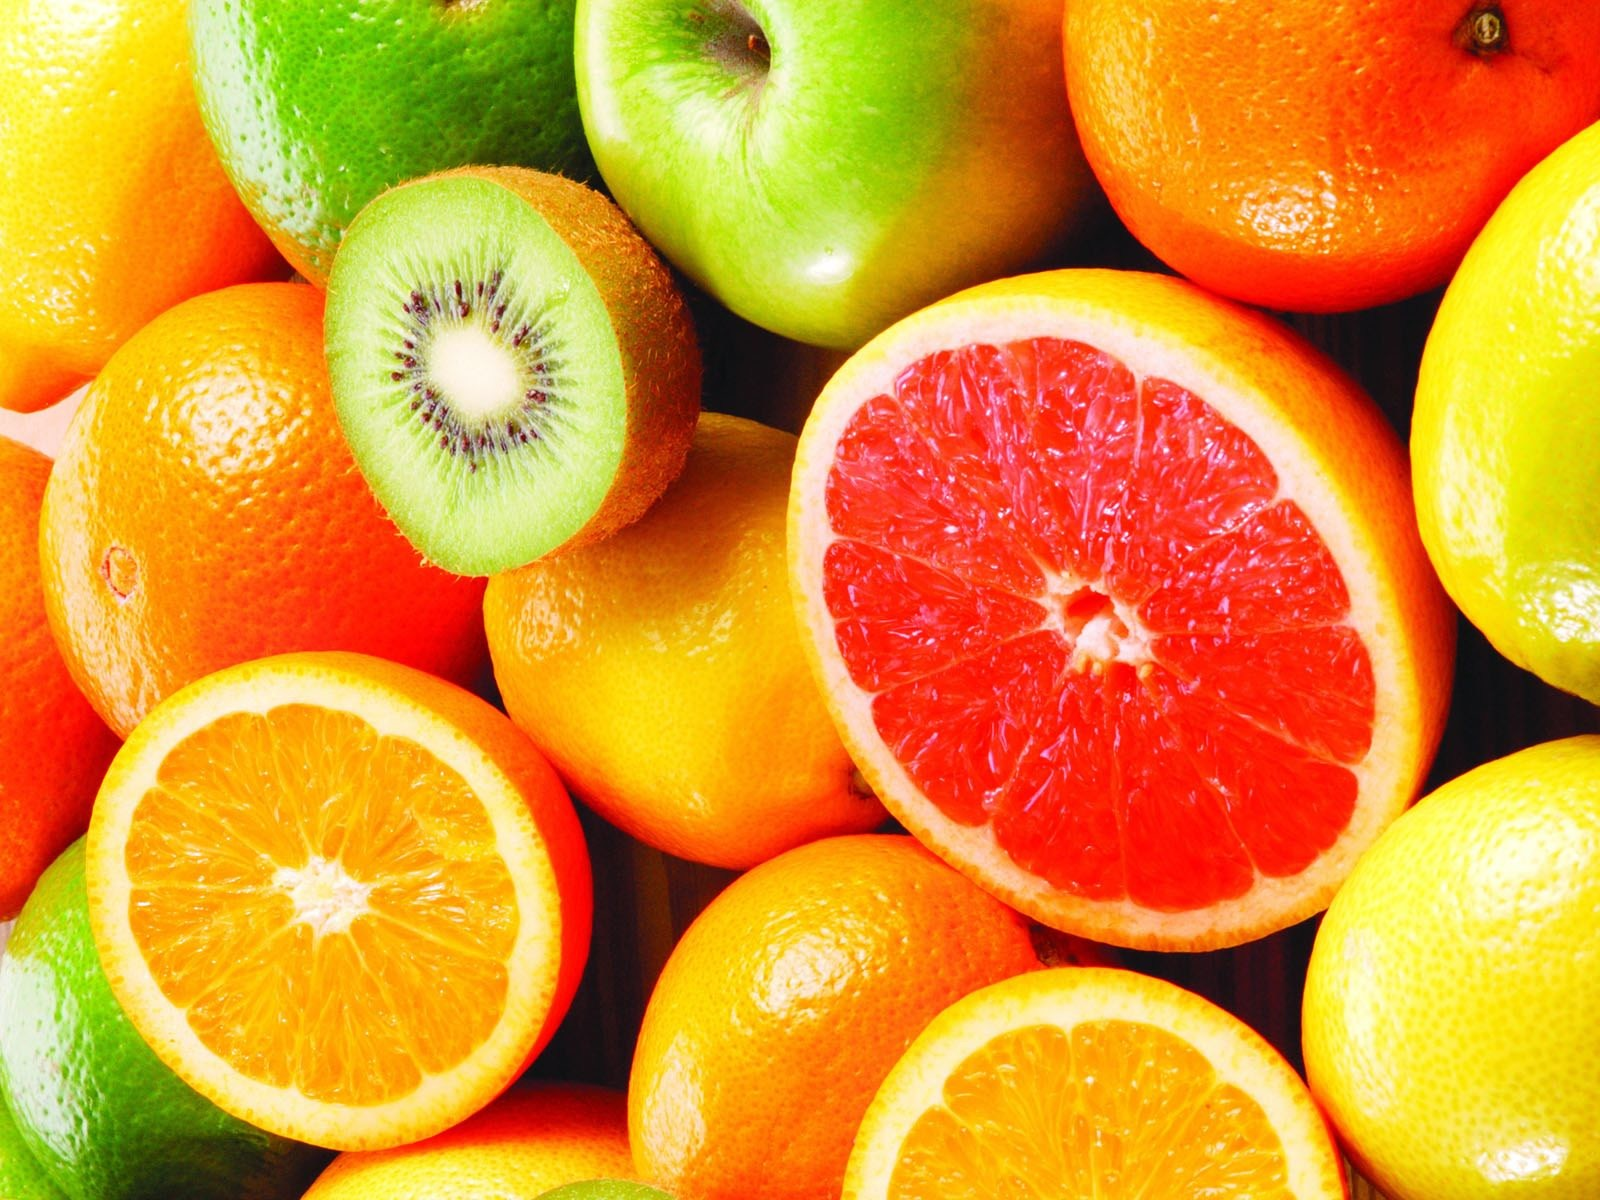 Блог Руслана Ковальчука: Весна: 10 фактов о приеме витаминов